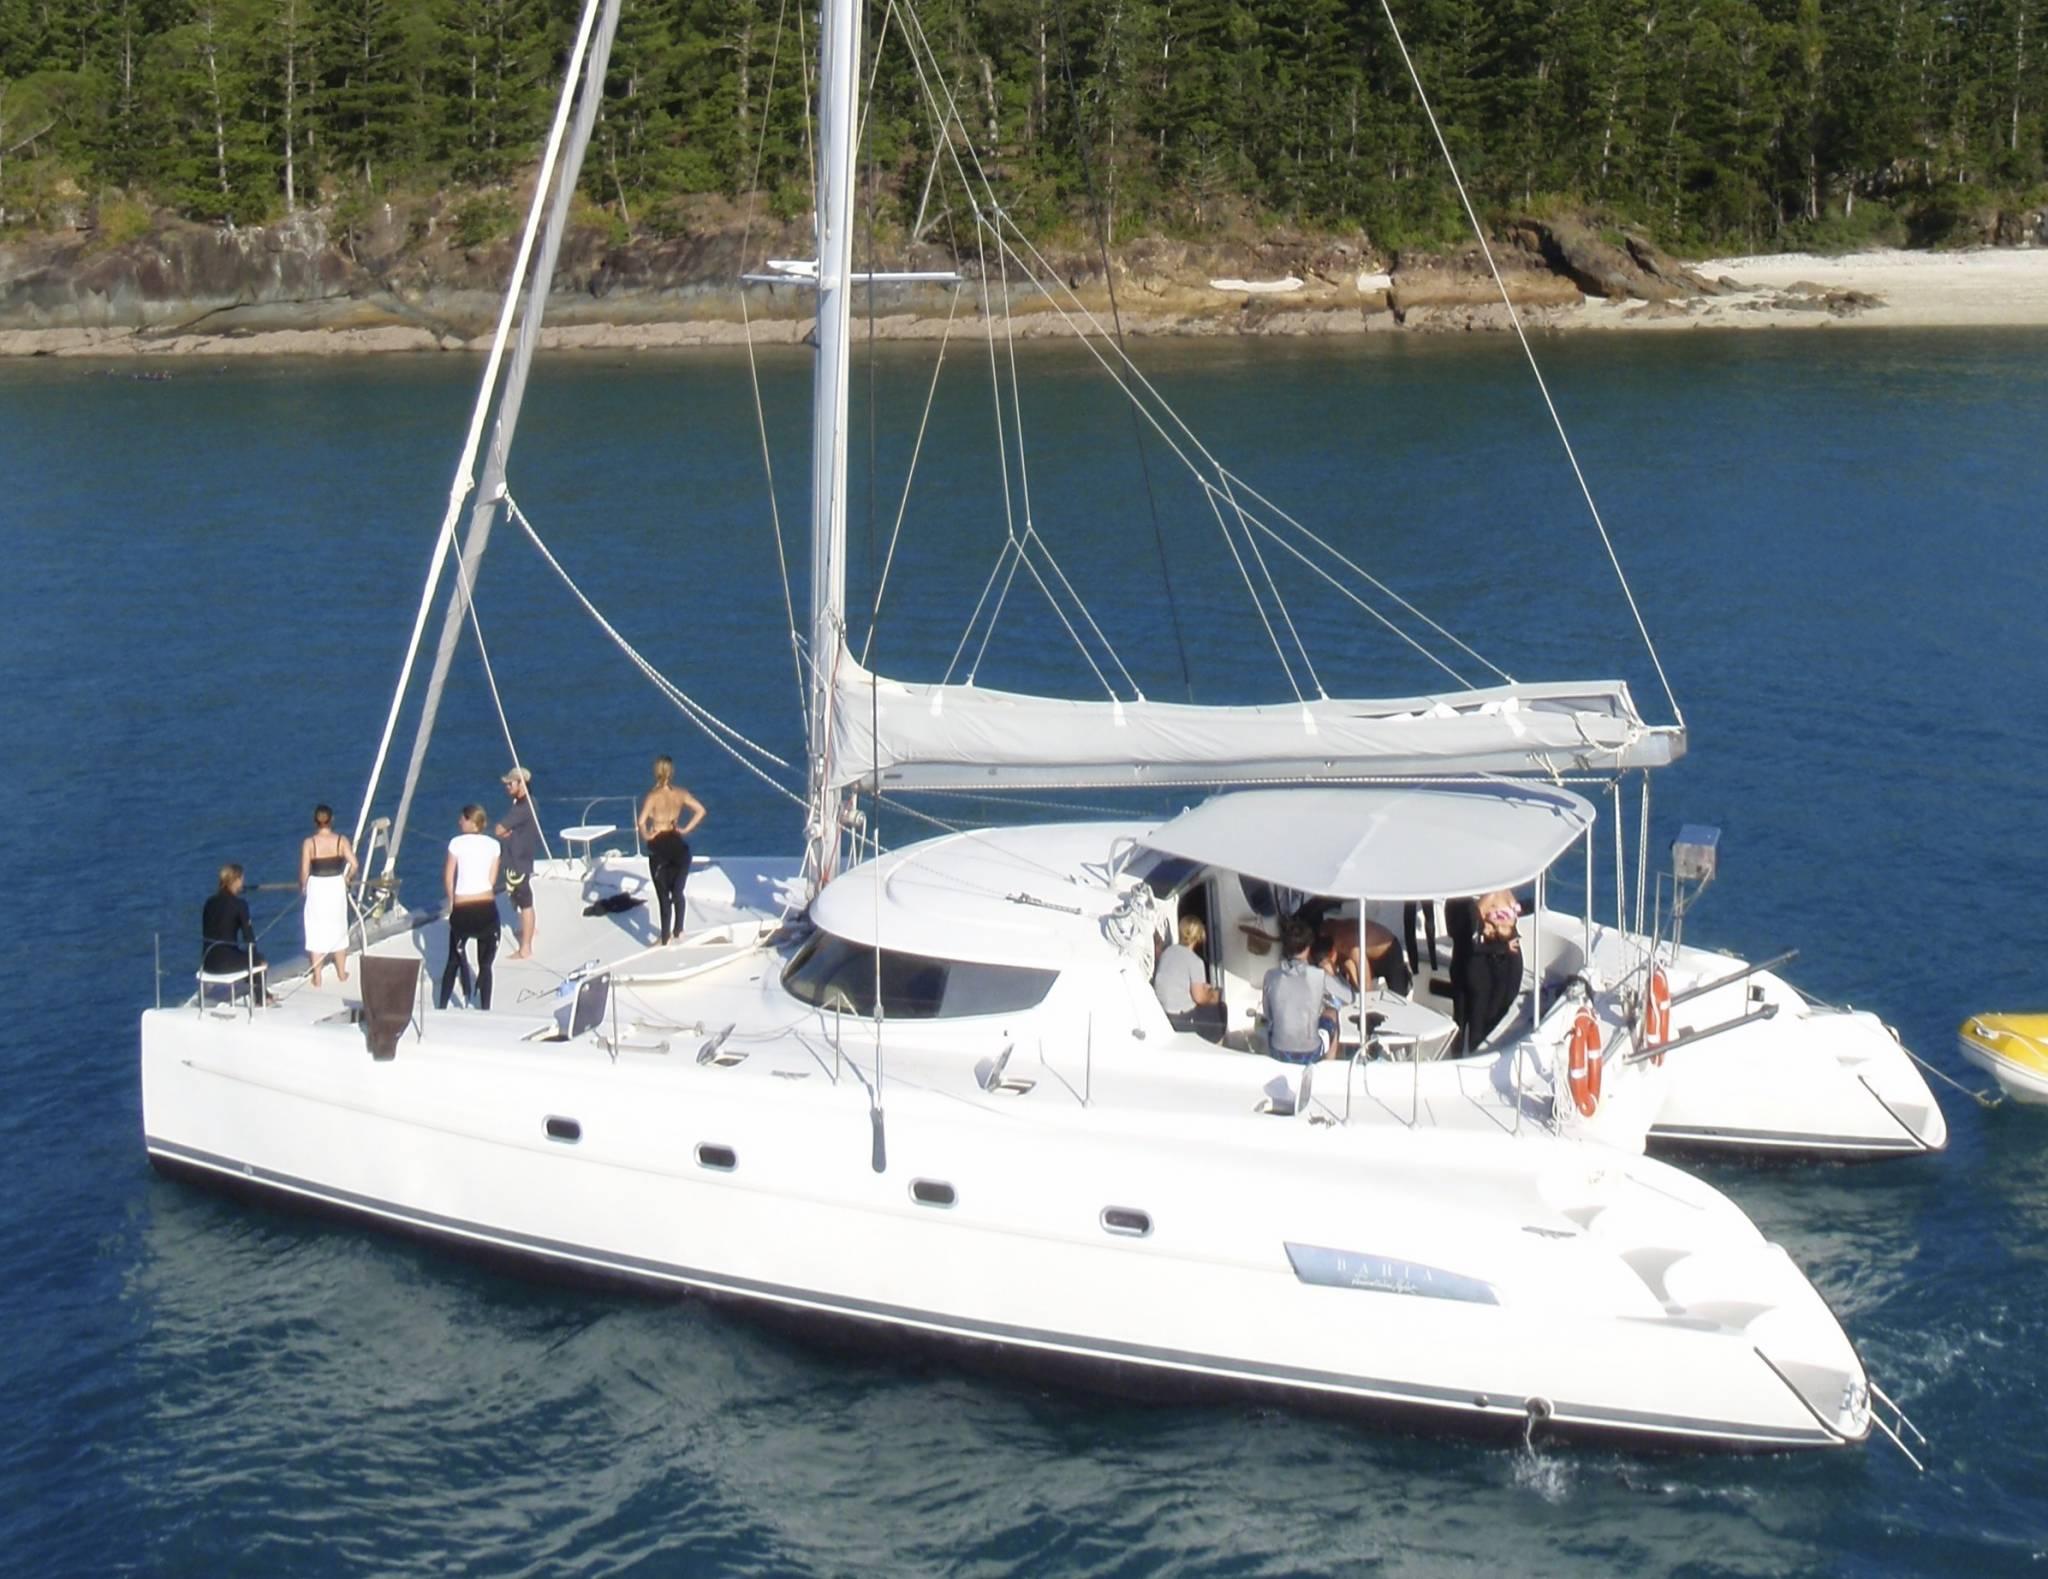 On Ice Yacht Charter | Whitsunday Holidays